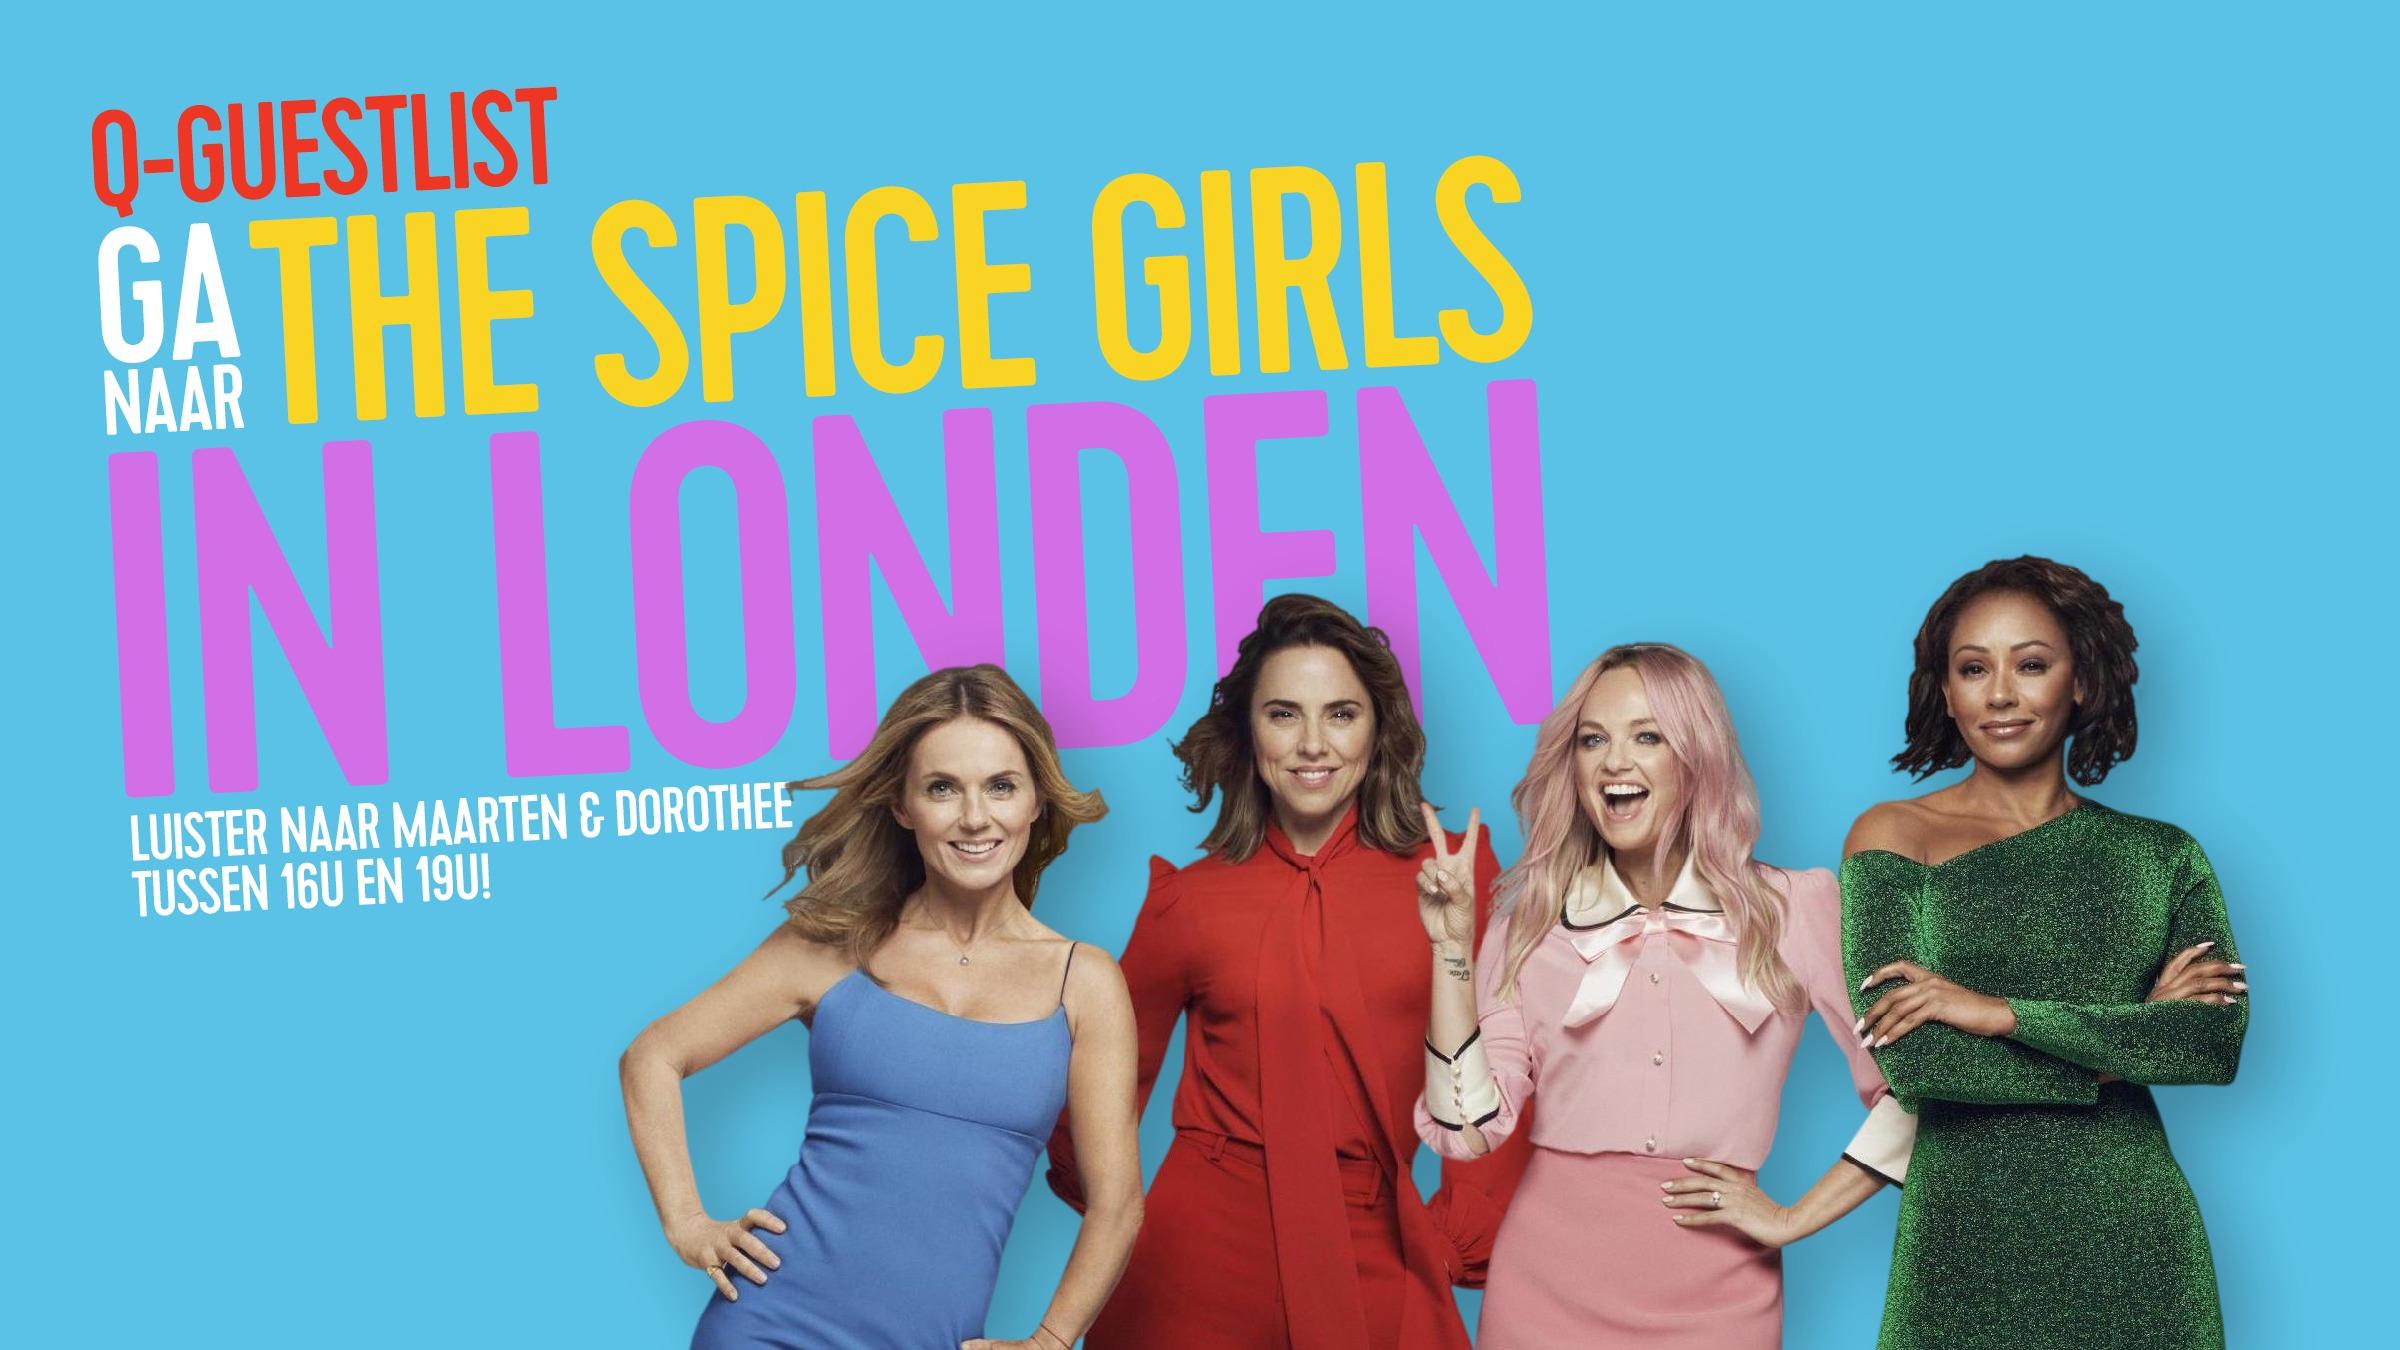 Spice girlsguestlist